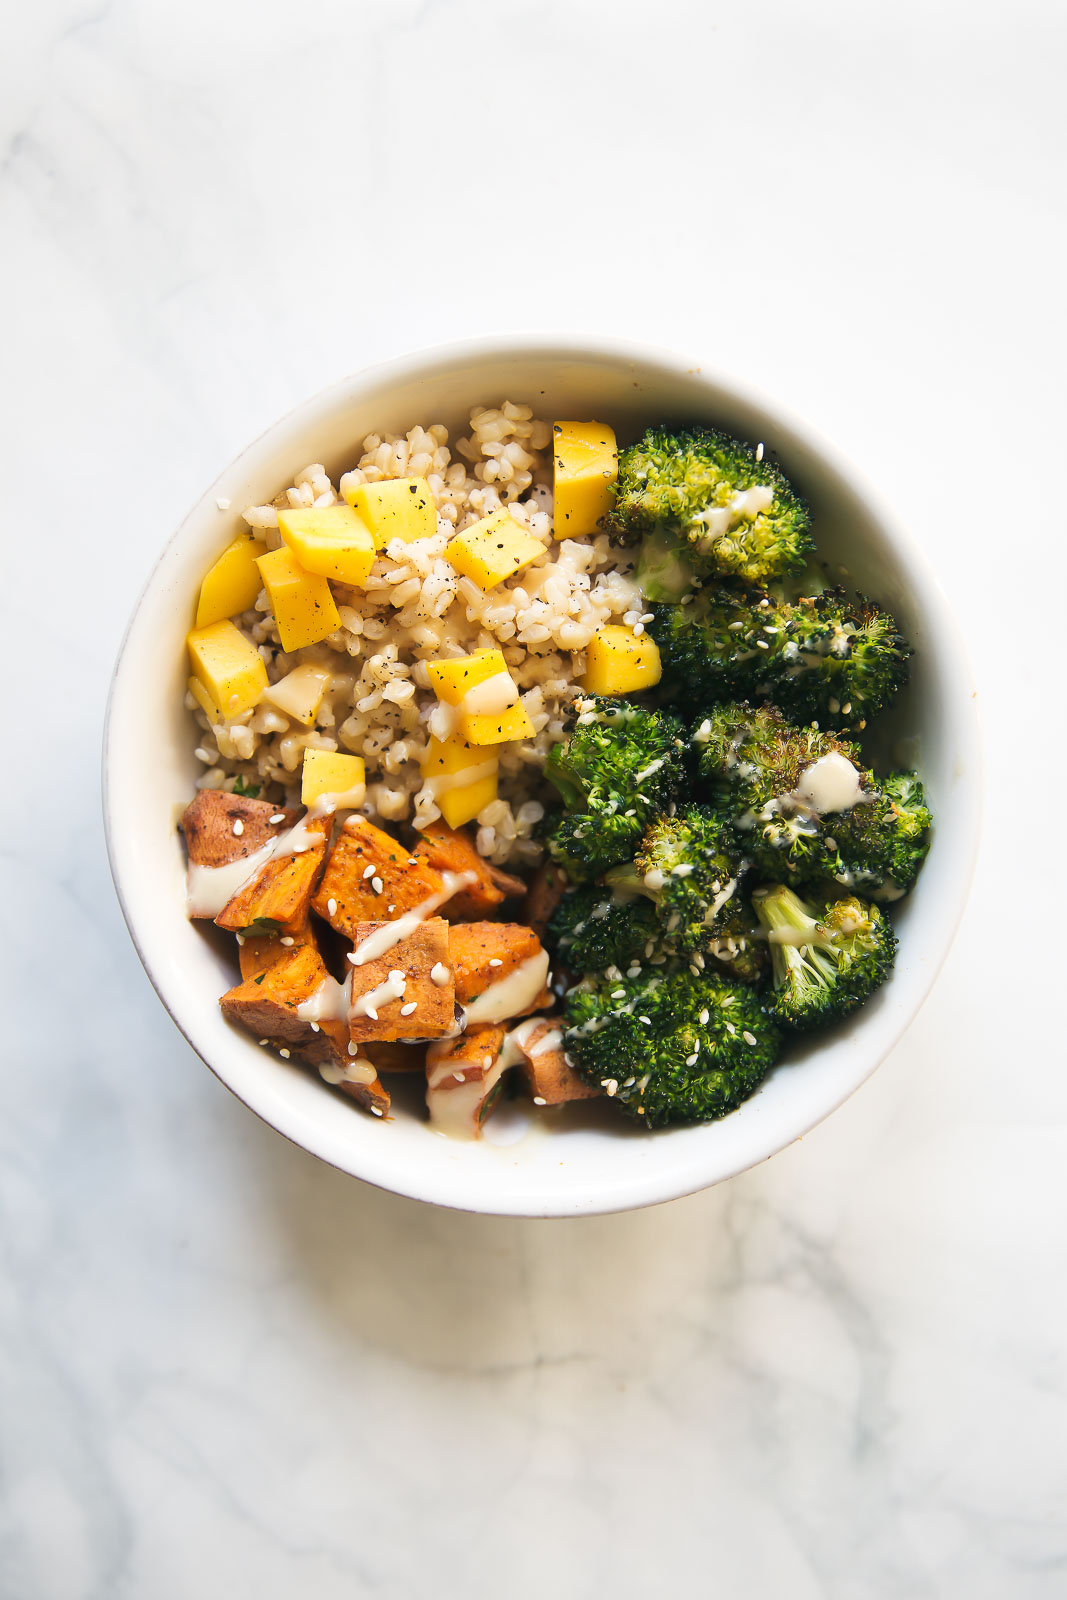 Vegan Sweet Potato Buddha Bowl with Orange Sesame Almond Butter Dressing #vegan #bowls #bowls #vegetarian #almond